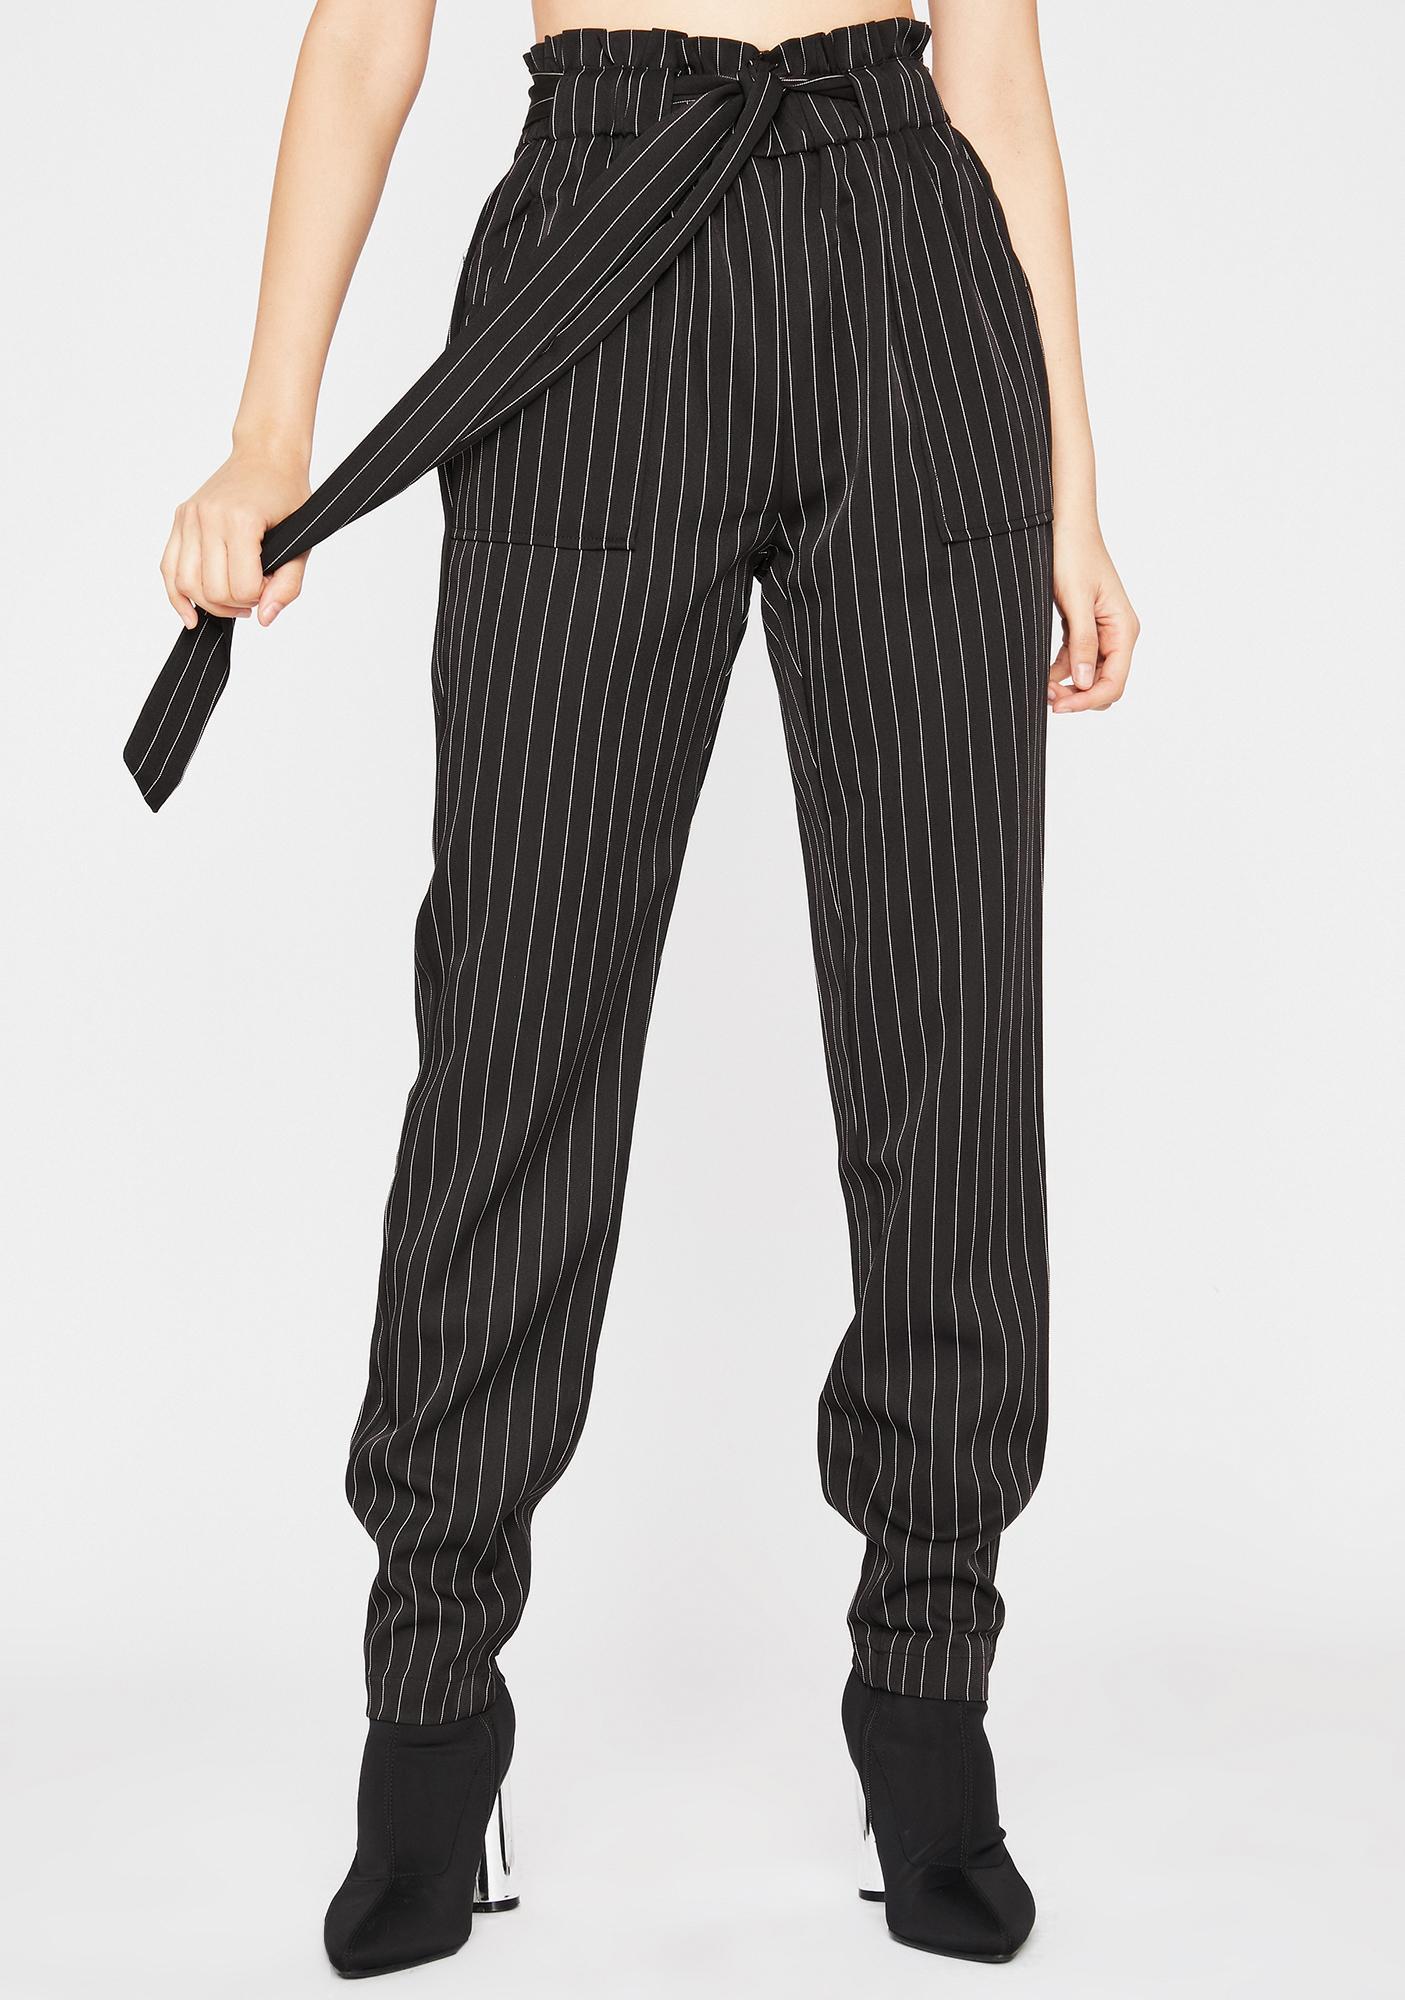 Goin' Downtown Pinstripe Pants